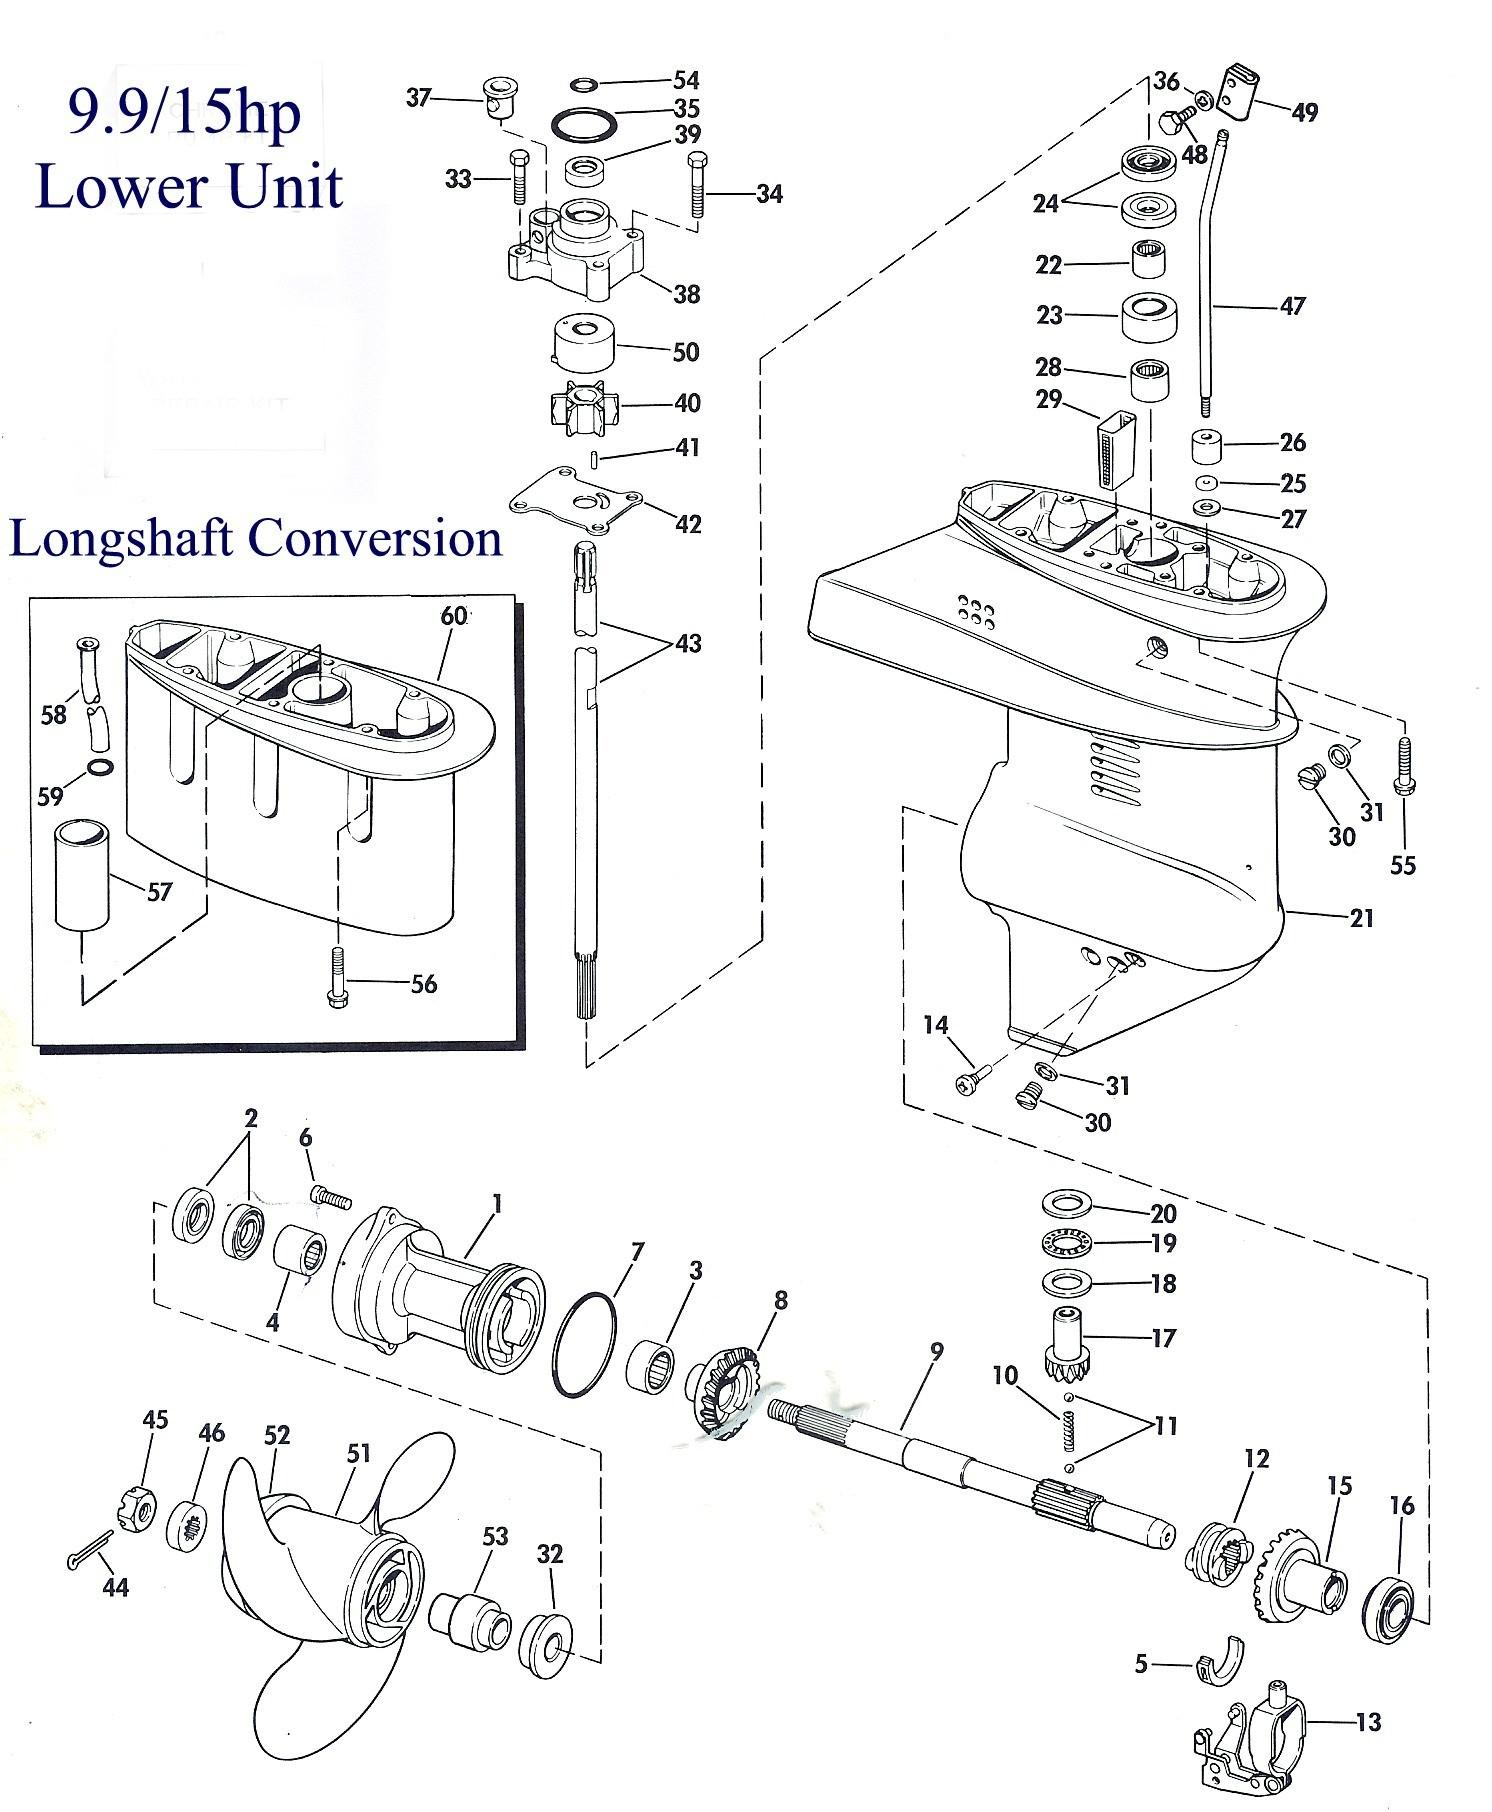 evinrude etec parts diagram best wiring library Boss Plow Wiring Harness Diagram evinrude parts diagrams 1985 9 9